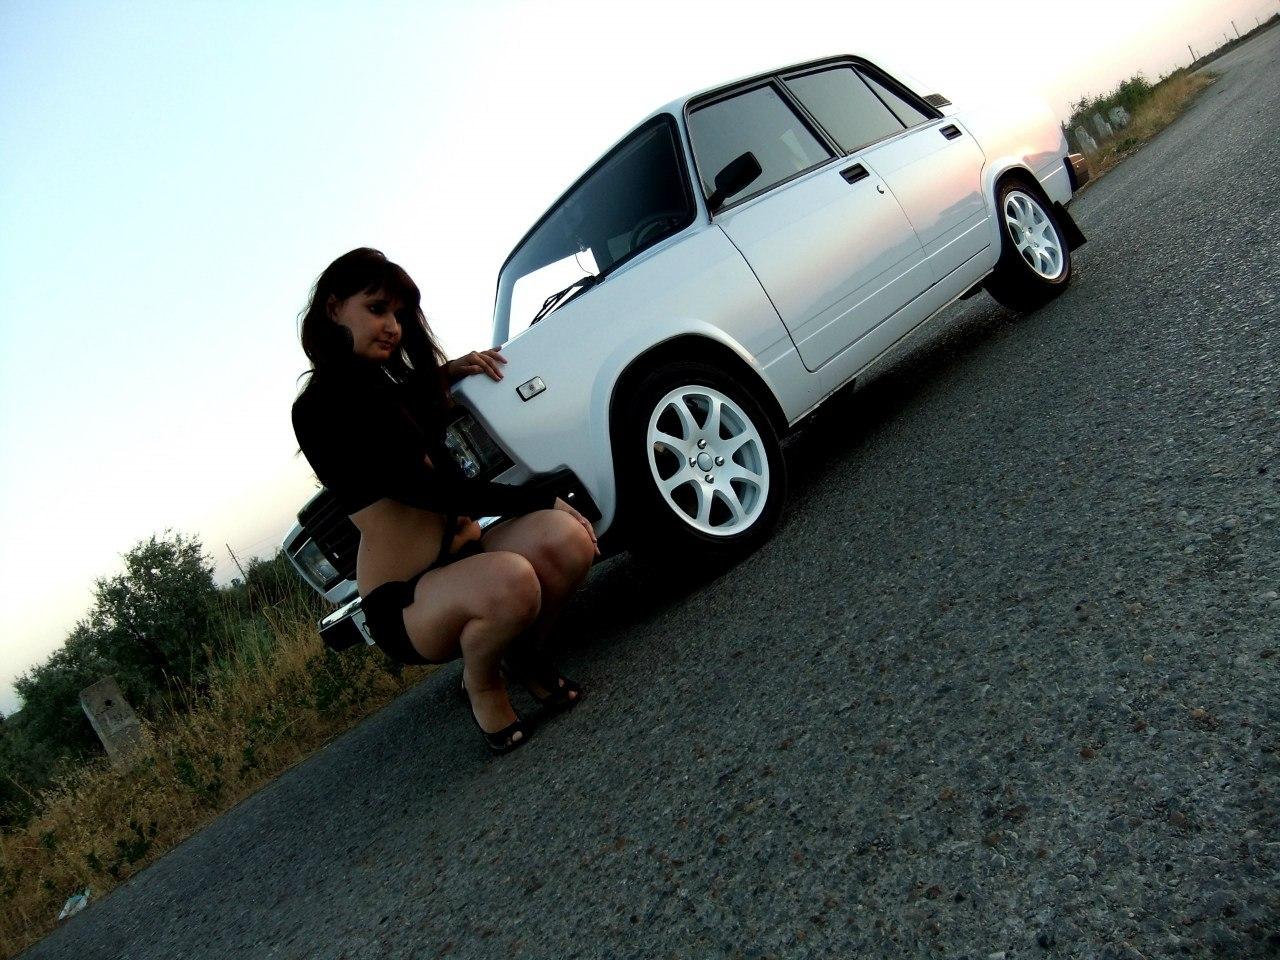 Смотреть бесплатно фото отечественных авто и девушки 1 фотография